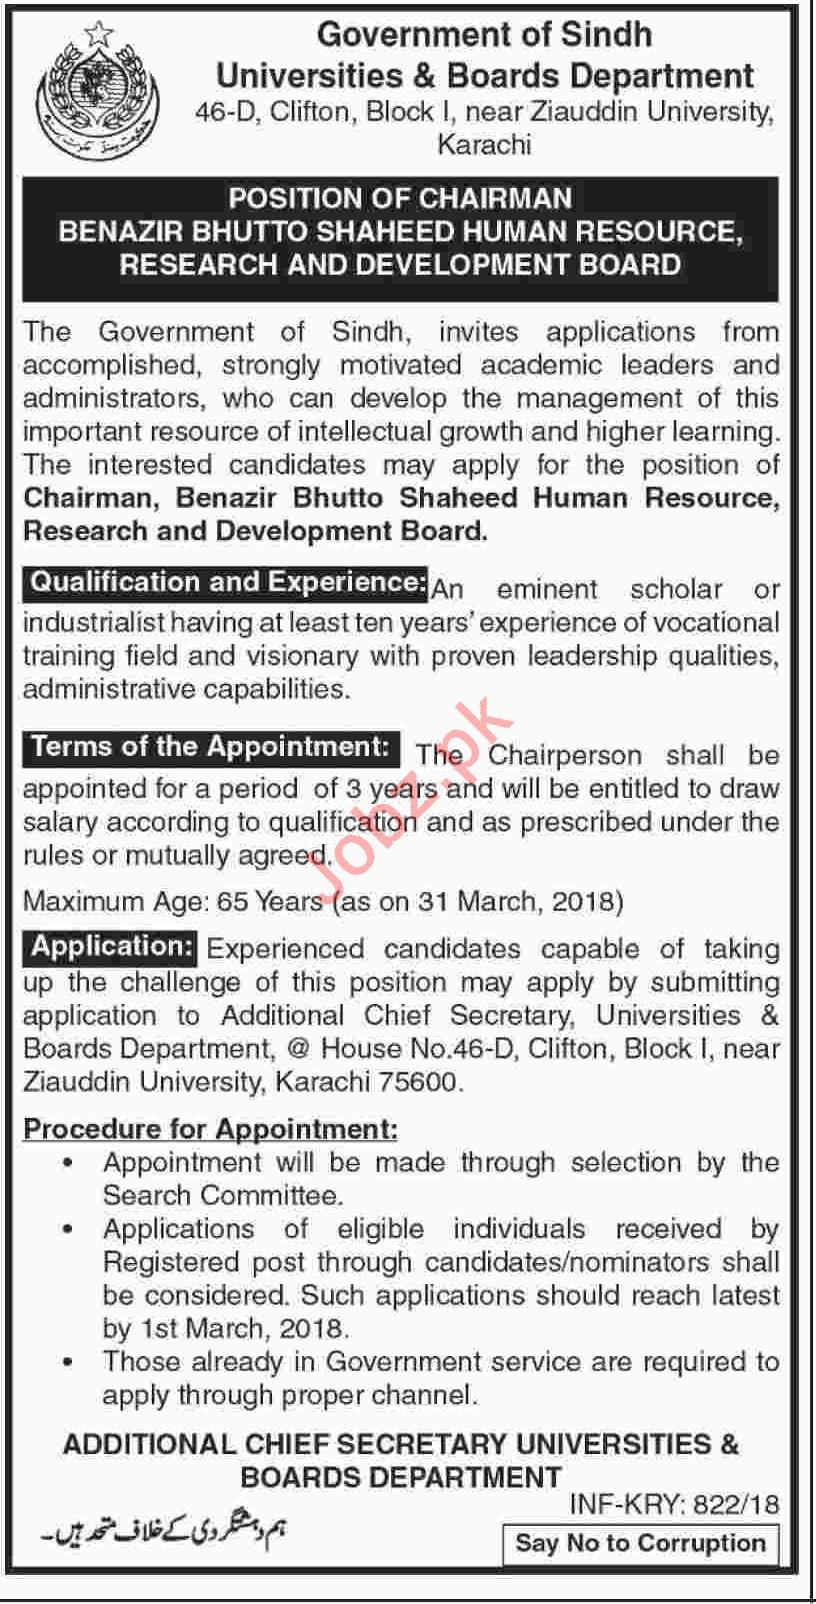 Universities & Boards Department Karachi Jobs 2018